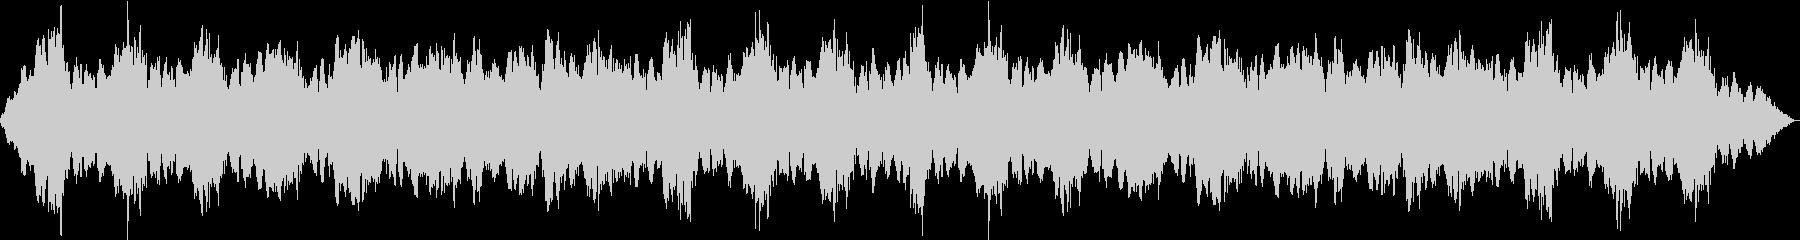 魔法詠唱、魔法発動、独白 07の未再生の波形